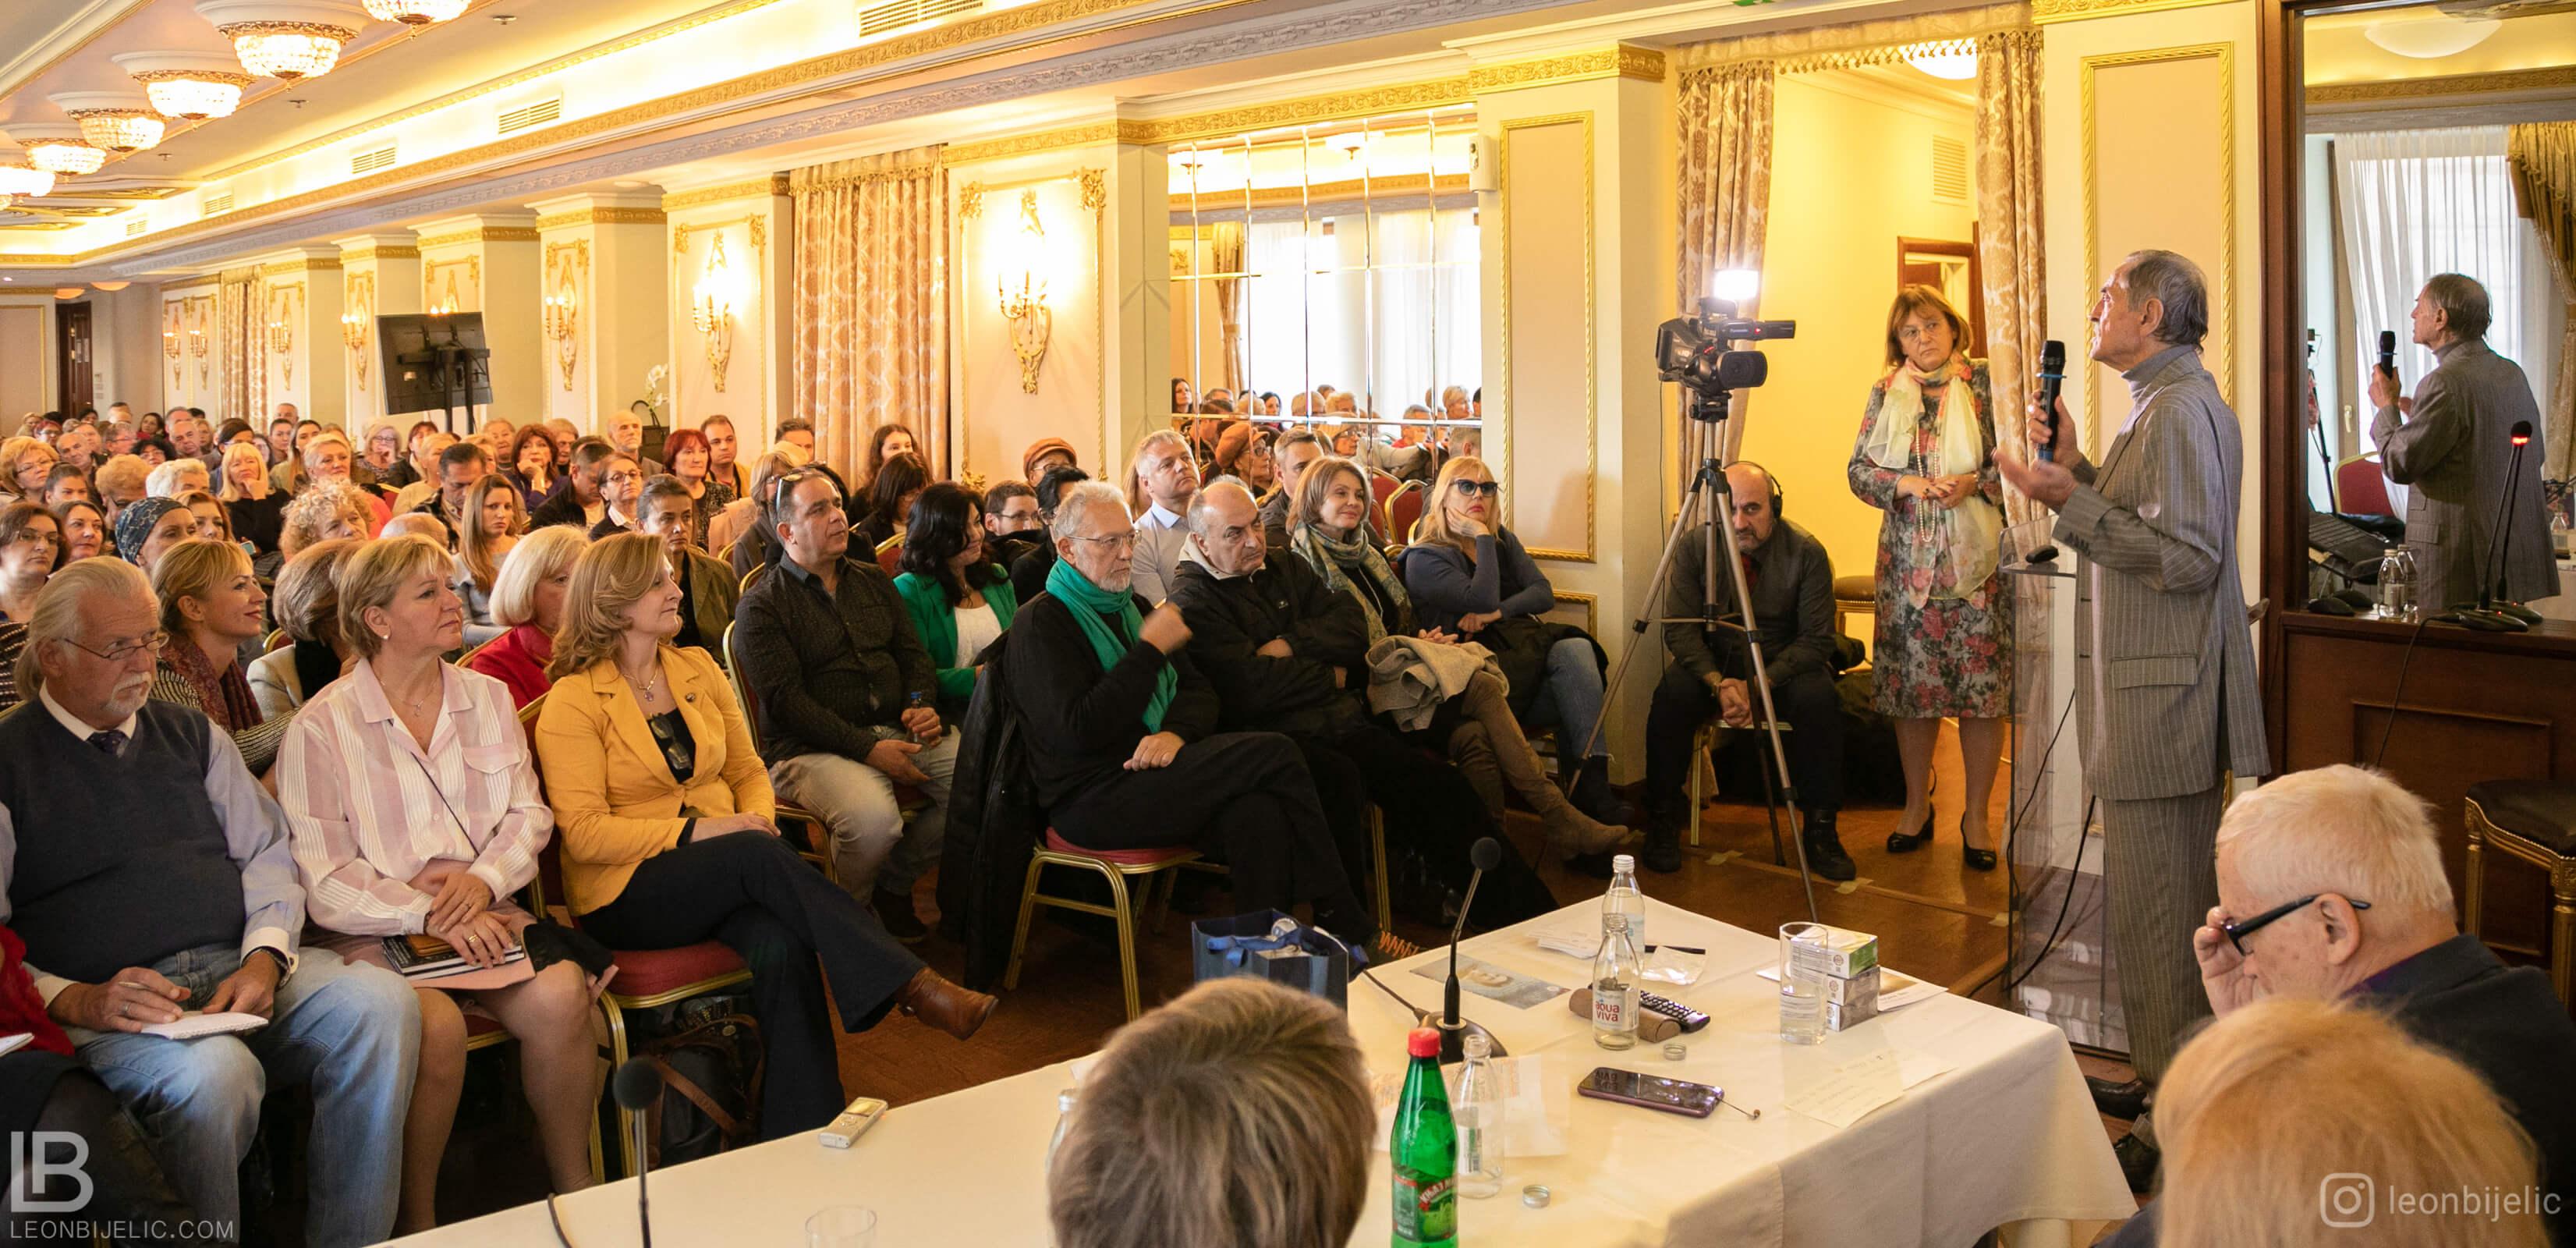 Akademik Dr Petar Pjotr Garjajev - Seminar - Beograd - Hotel Moskva - Spasoje Vlajić - Velimir Abramović - Dejan Rakita